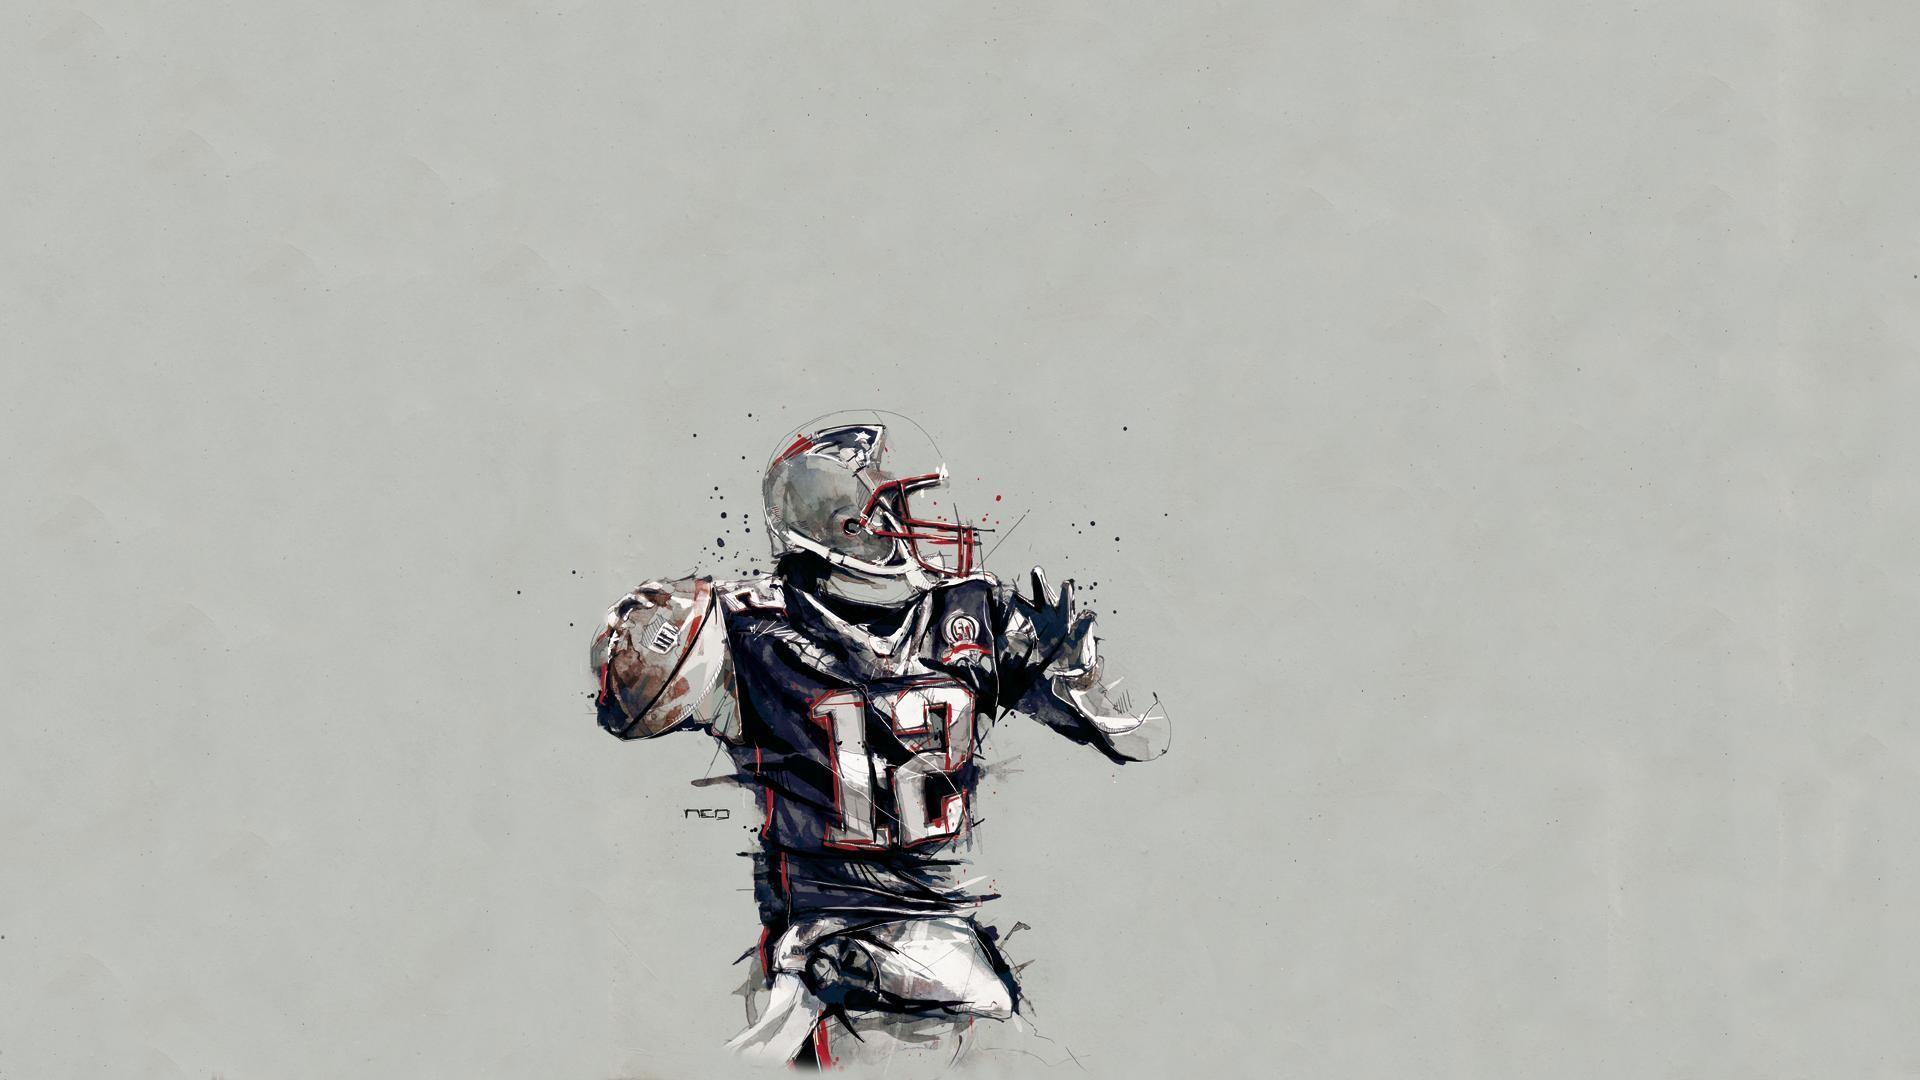 New England Patriots Schedule Hd Desktop Wallpaper - New England Patriots Tom Brady Wallpaper Hd - HD Wallpaper